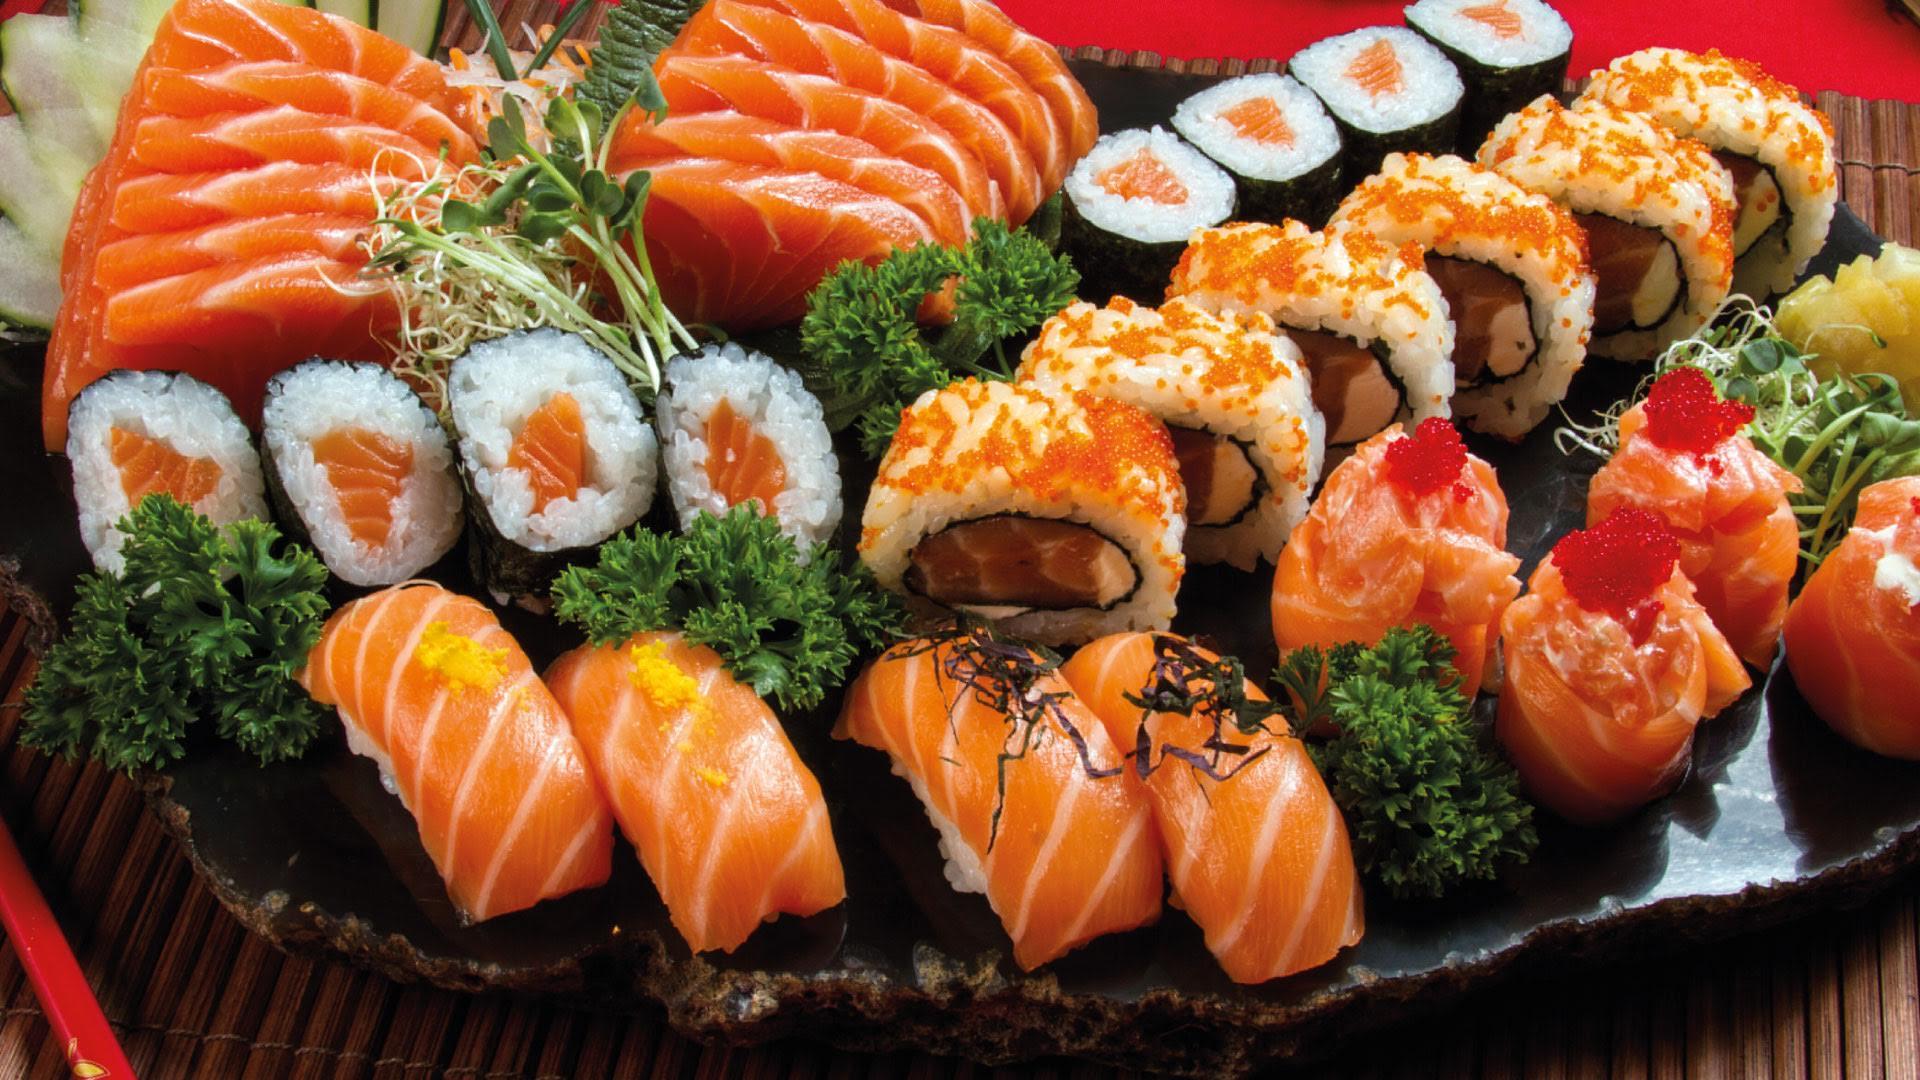 Delivery de Sushi no Genki Sushi com Frete Grátis